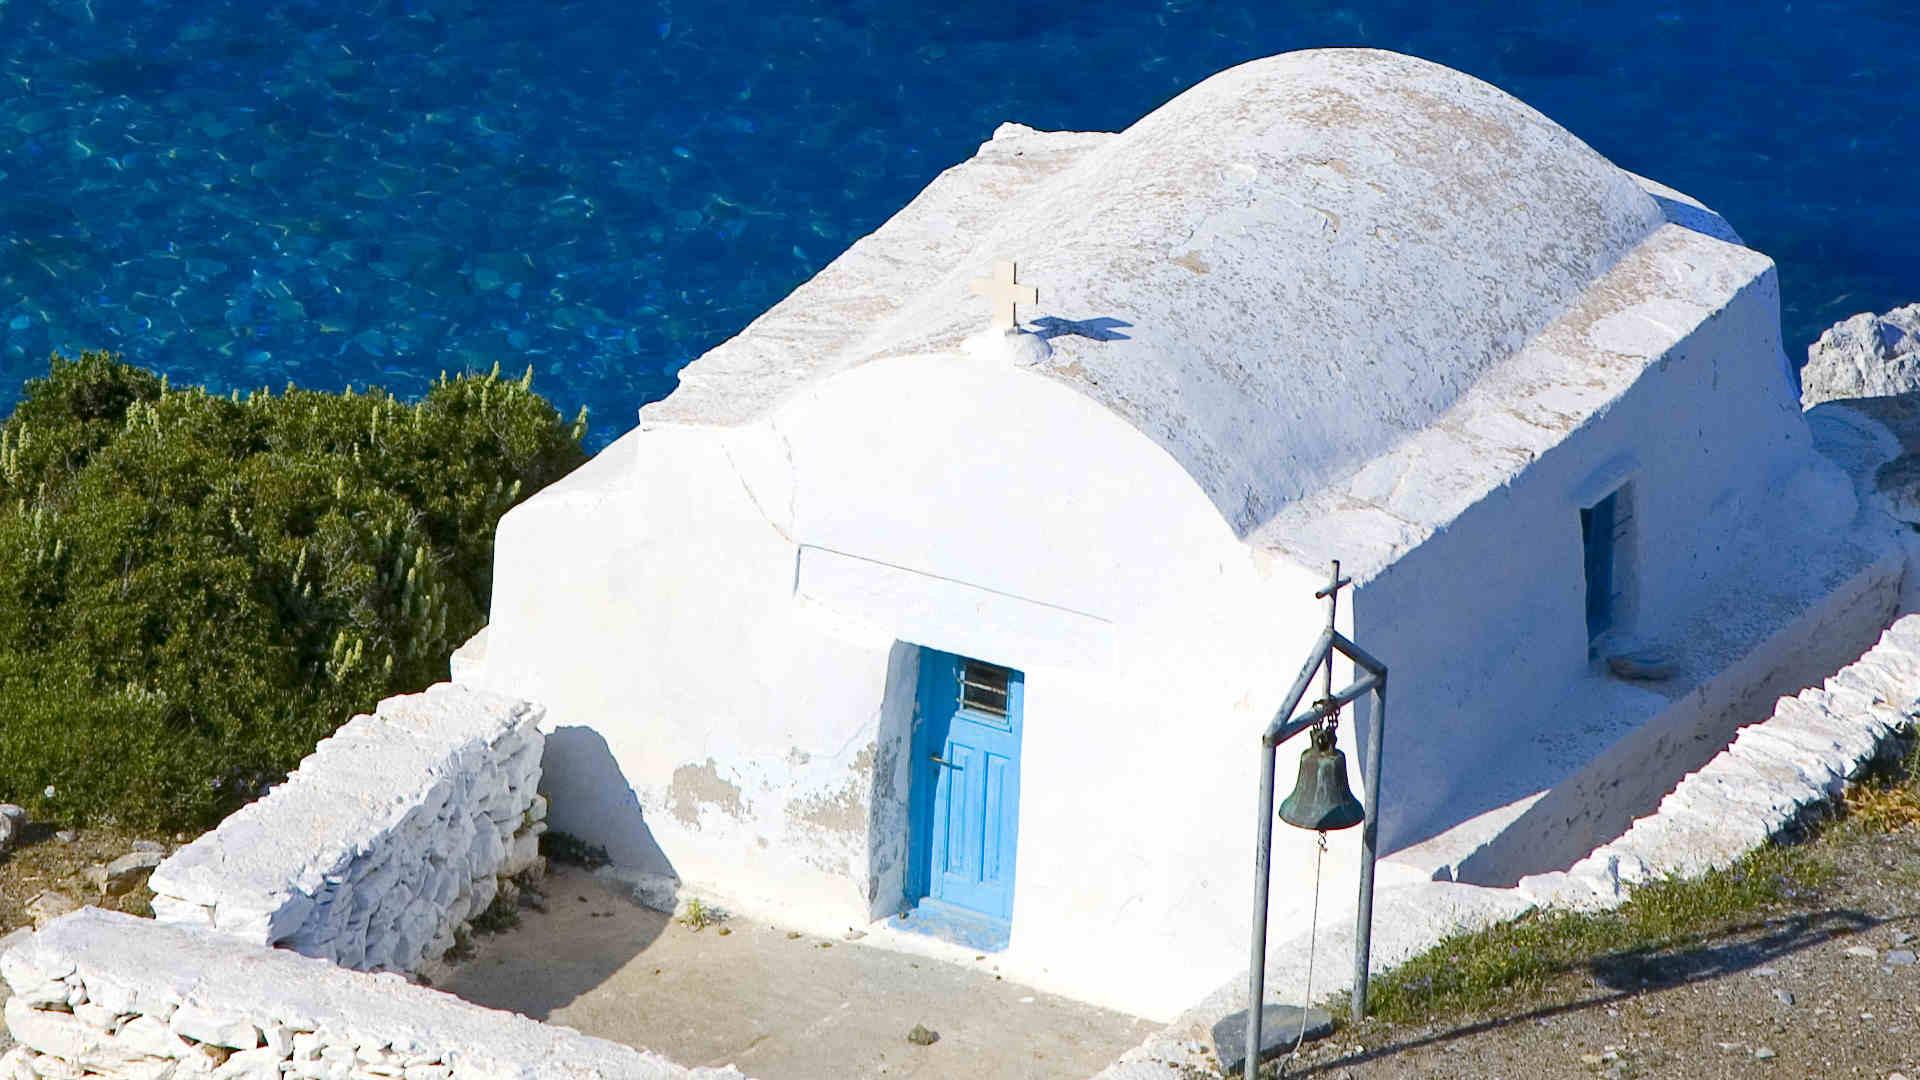 Grecia: non solo Partenone e oracolo di Delfi